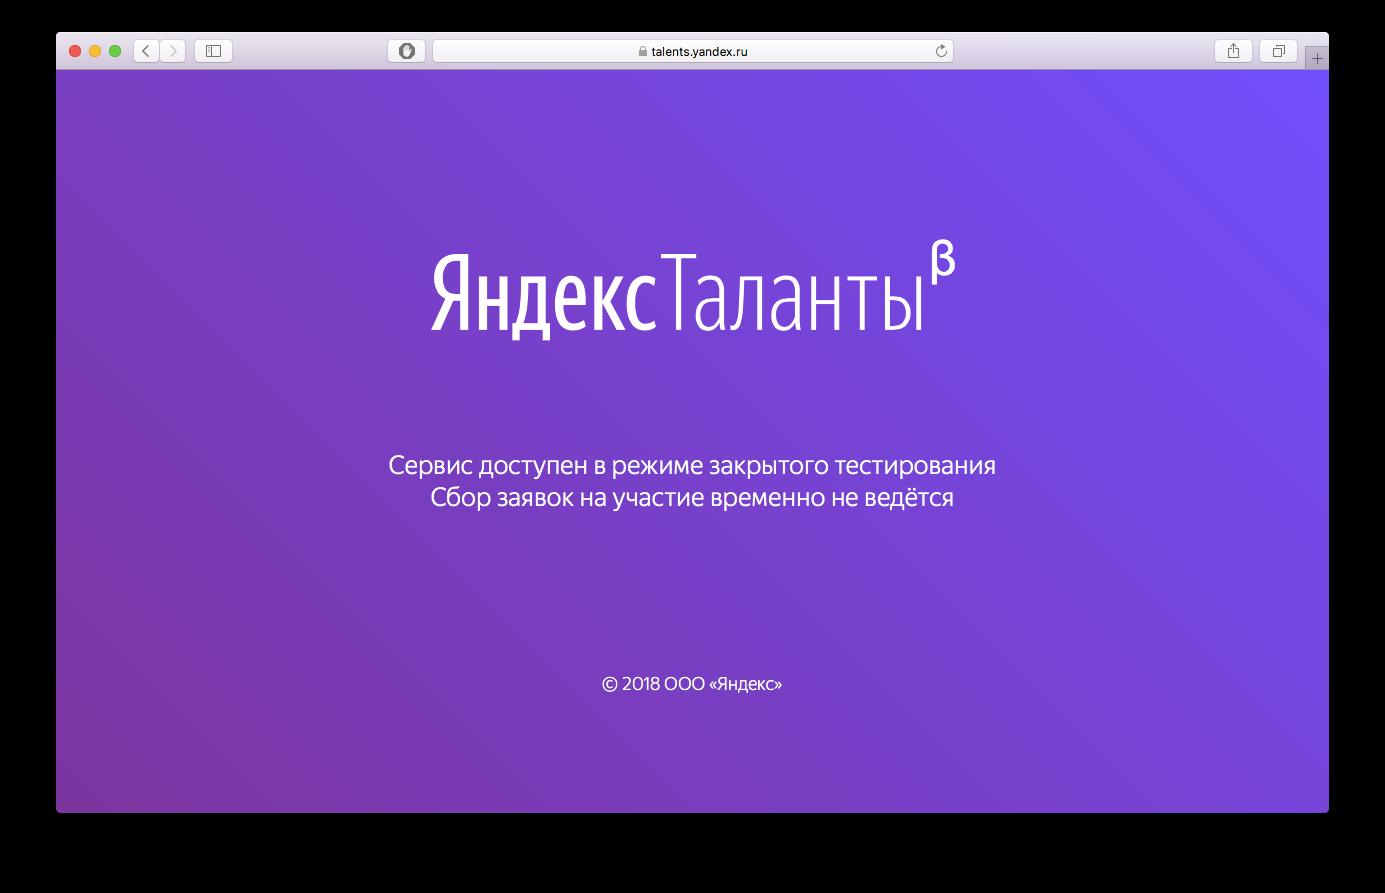 «Яндекс» начал тестировать новый сервис для поиска работы «Яндекс.Таланты»